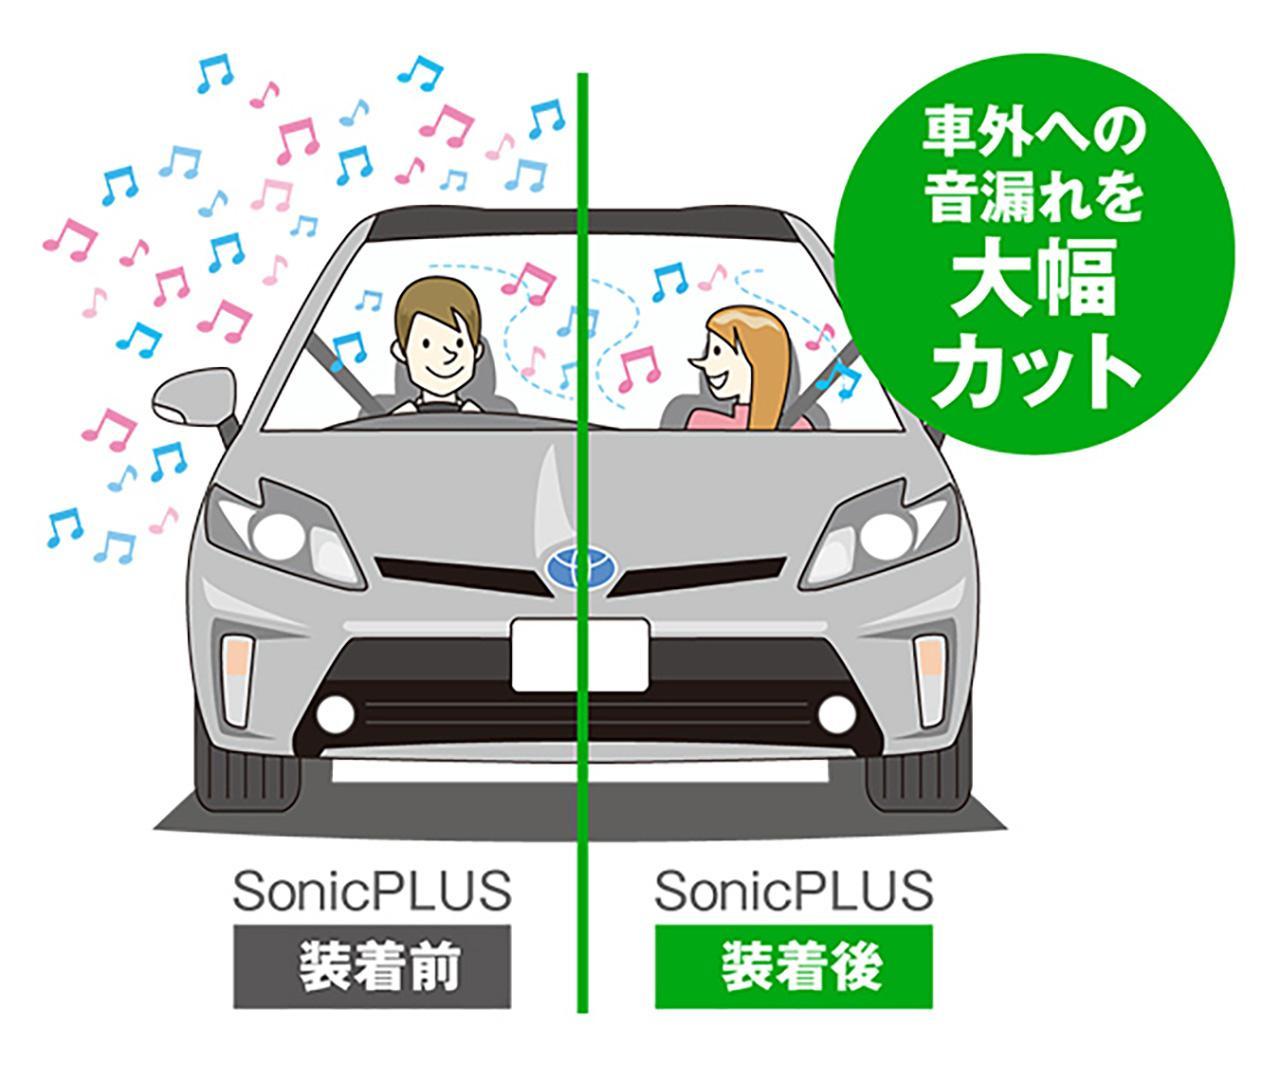 画像1: 【車の音漏れ対策】ベンツと同じスピーカー「SonicPLUS」でプライバシーといい音の両立が実現!